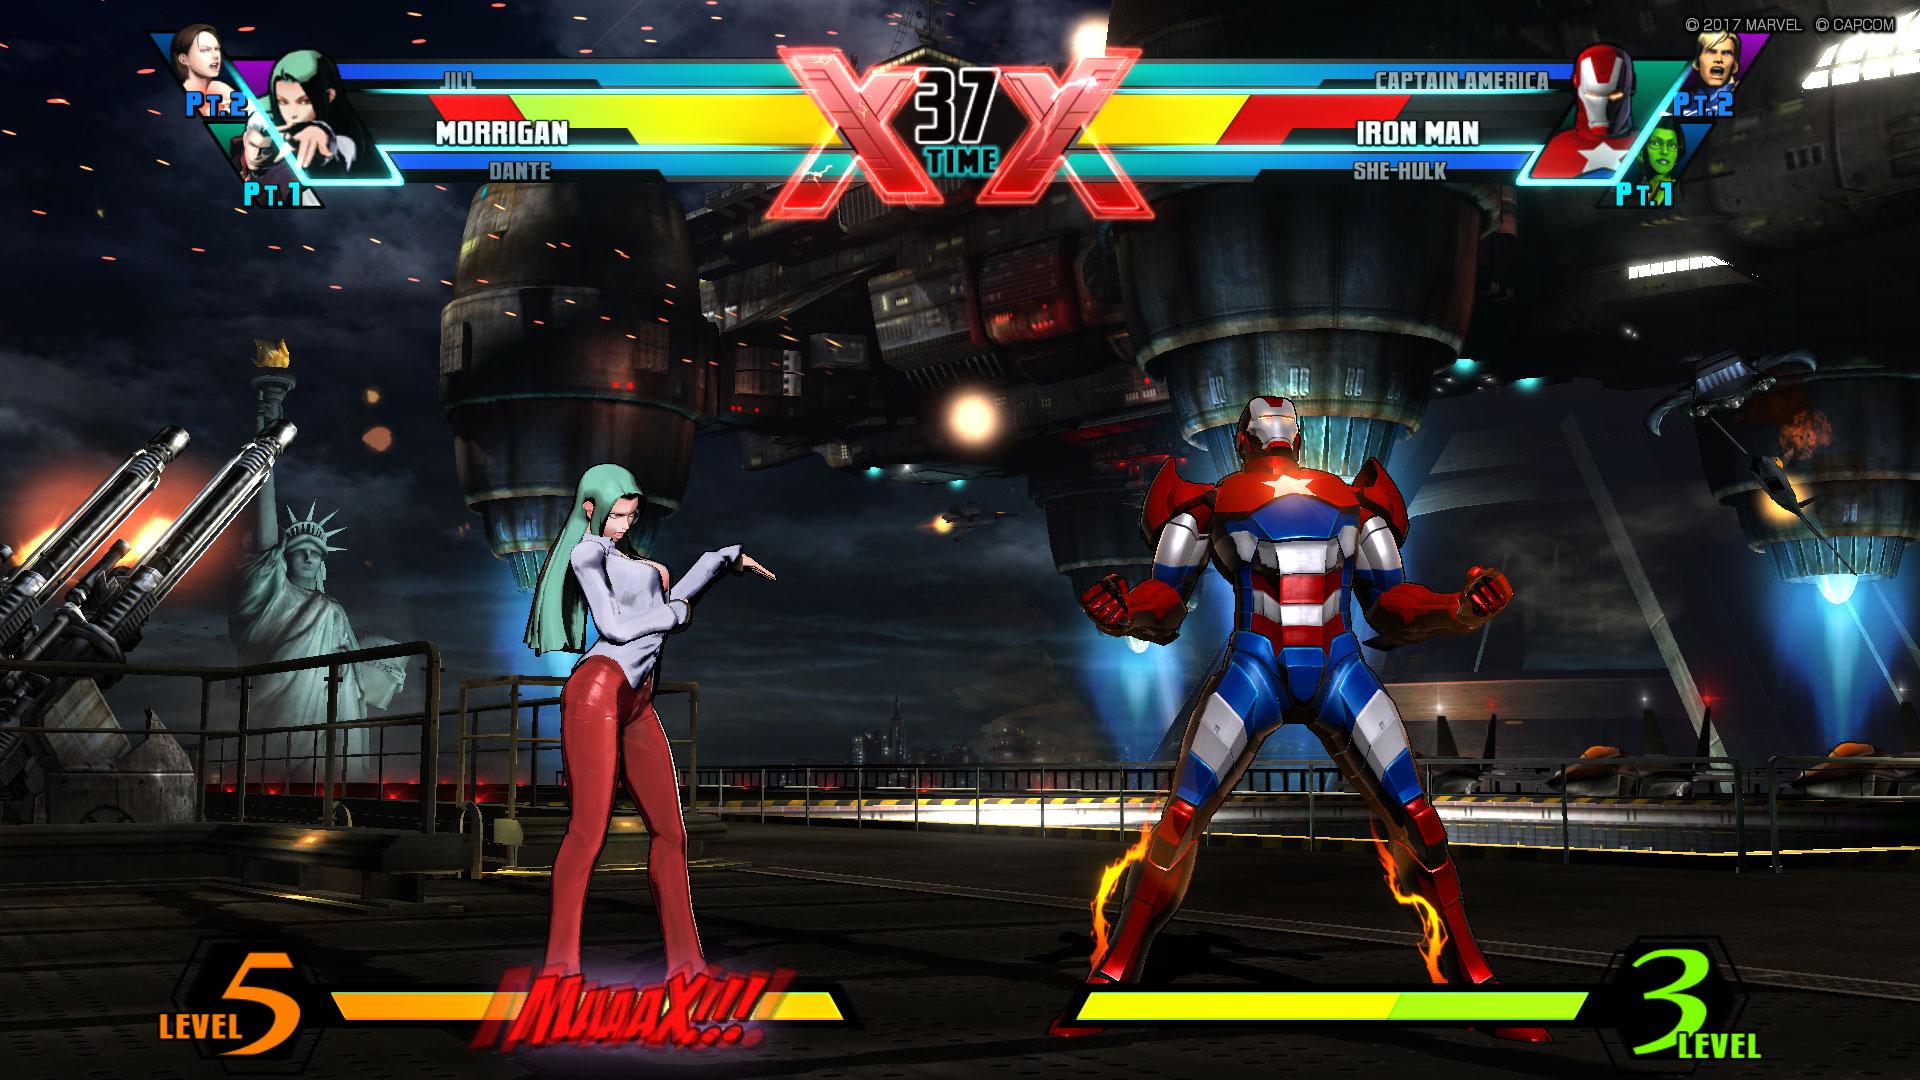 Marvel Vs Capcom 2 Pc 4shared - soupwebdesign